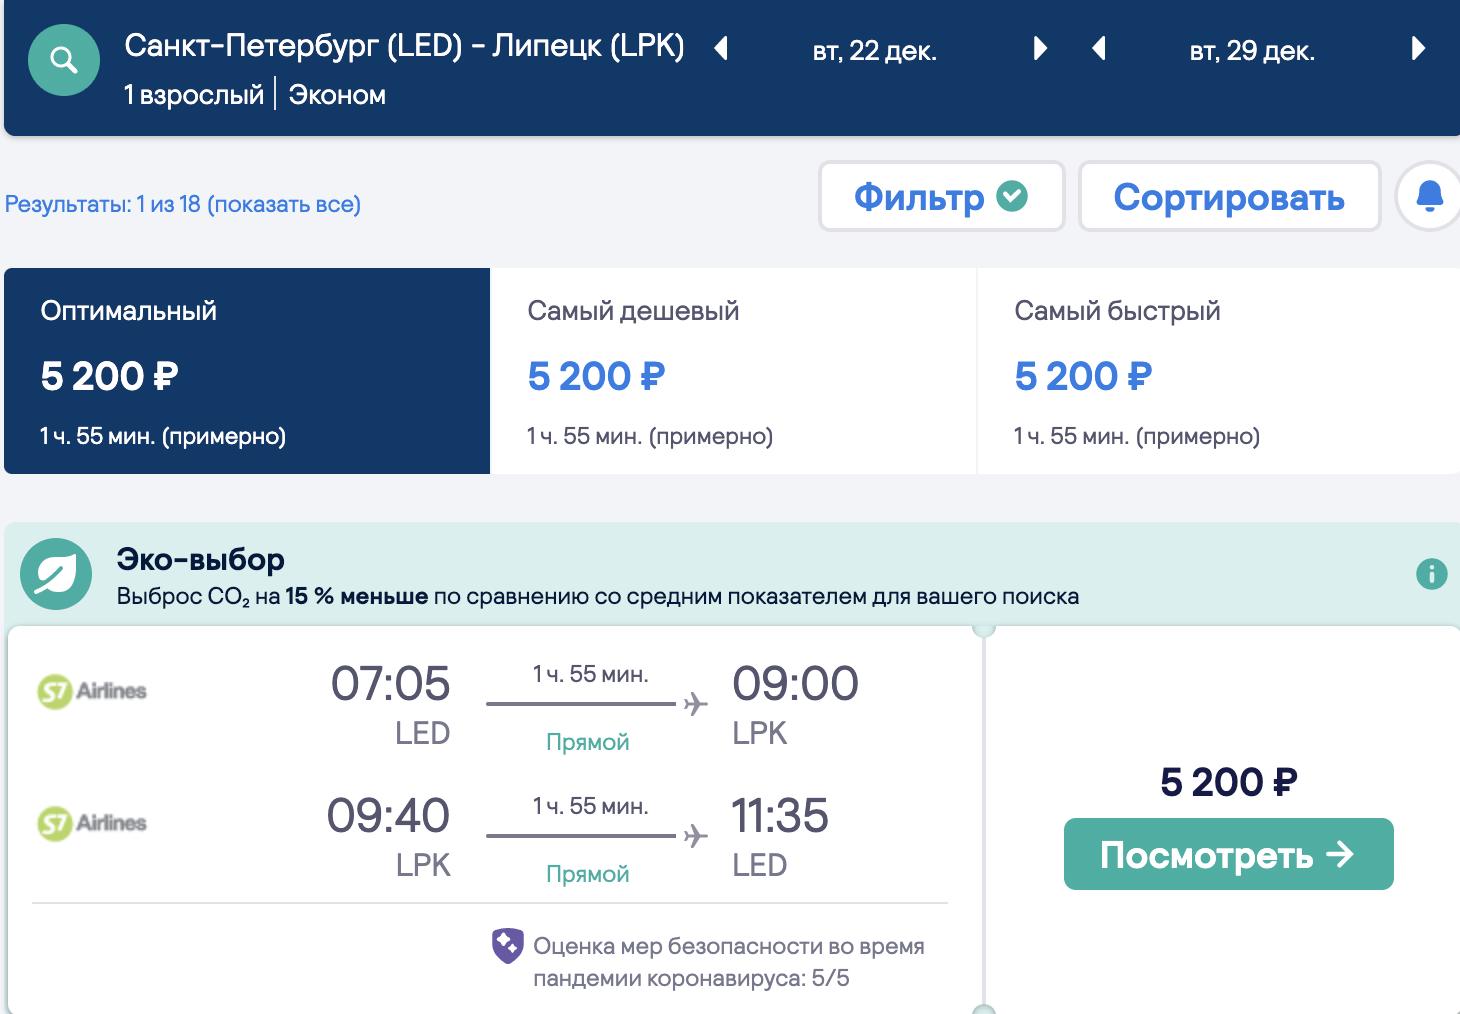 Распродажа S7 для СПб: в Кировск (Апатиты), Новосибирск и Липецк от 3200₽ туда-обратно